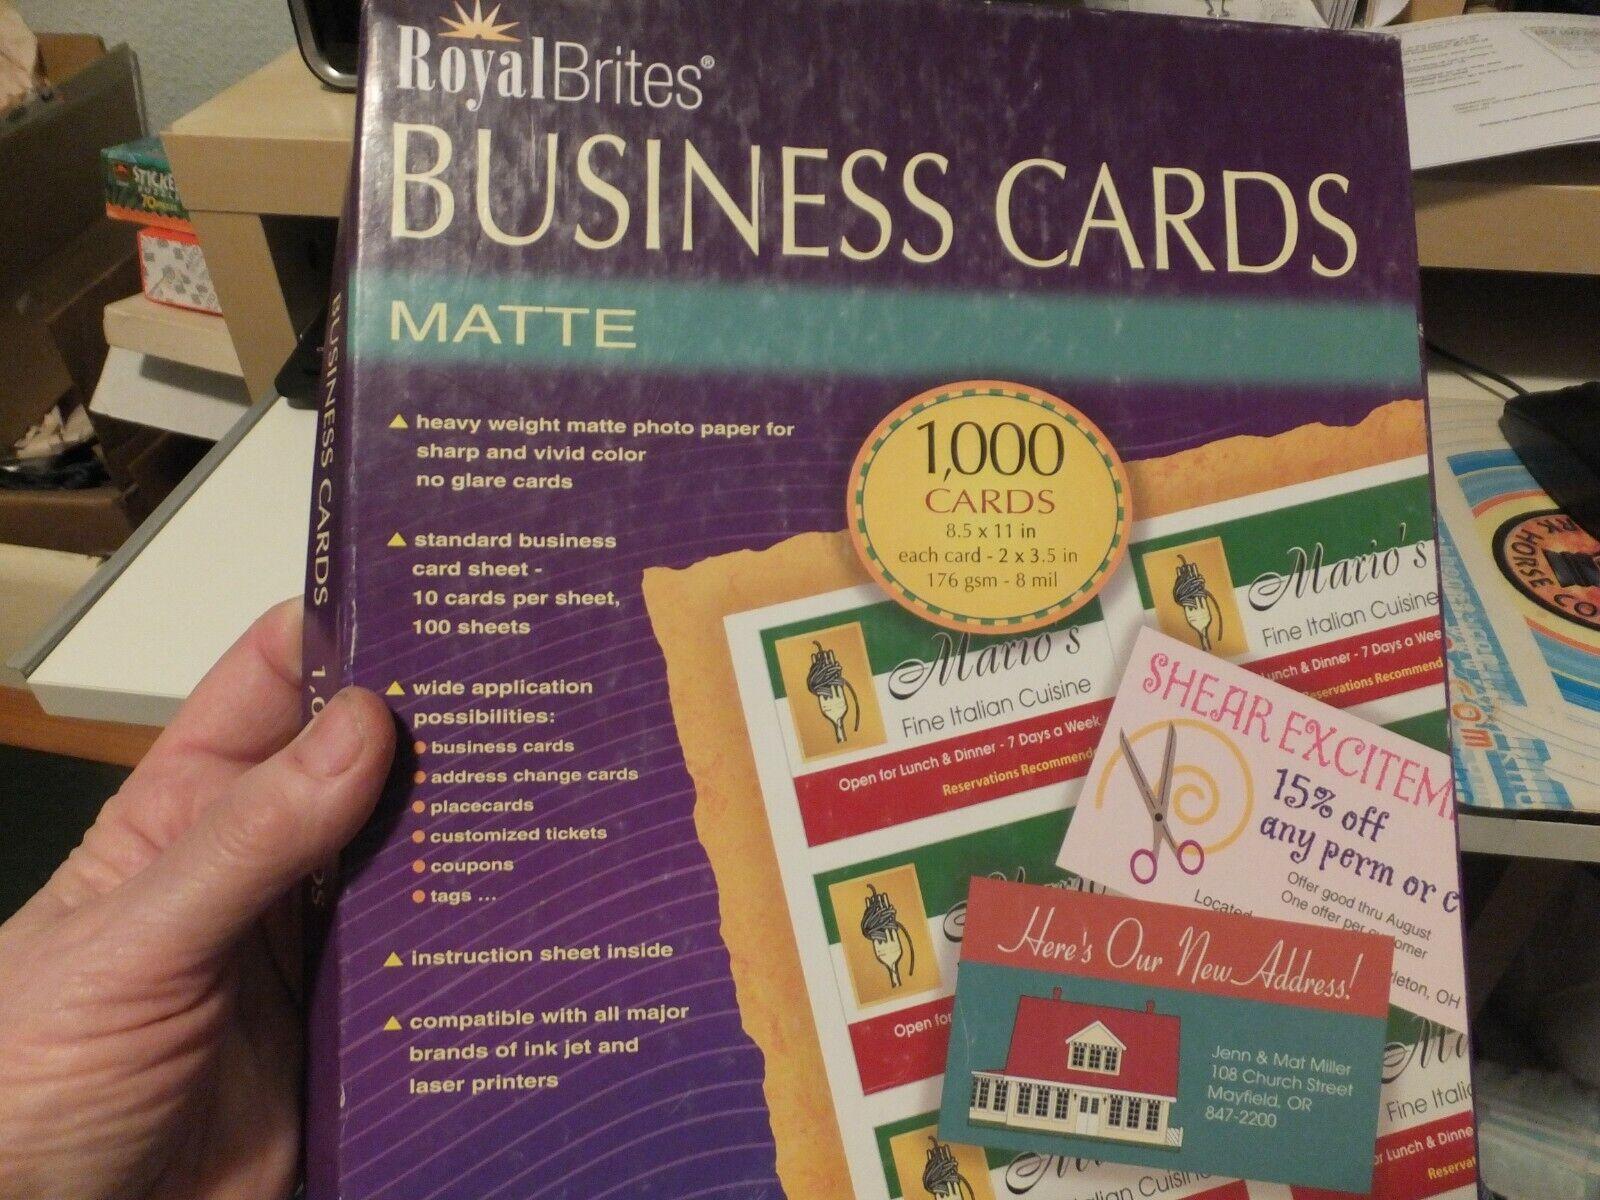 Royal Brites Inkjet Products Printable Business Cards 1000 Matte 28992 Unopened For Sale Online Ebay